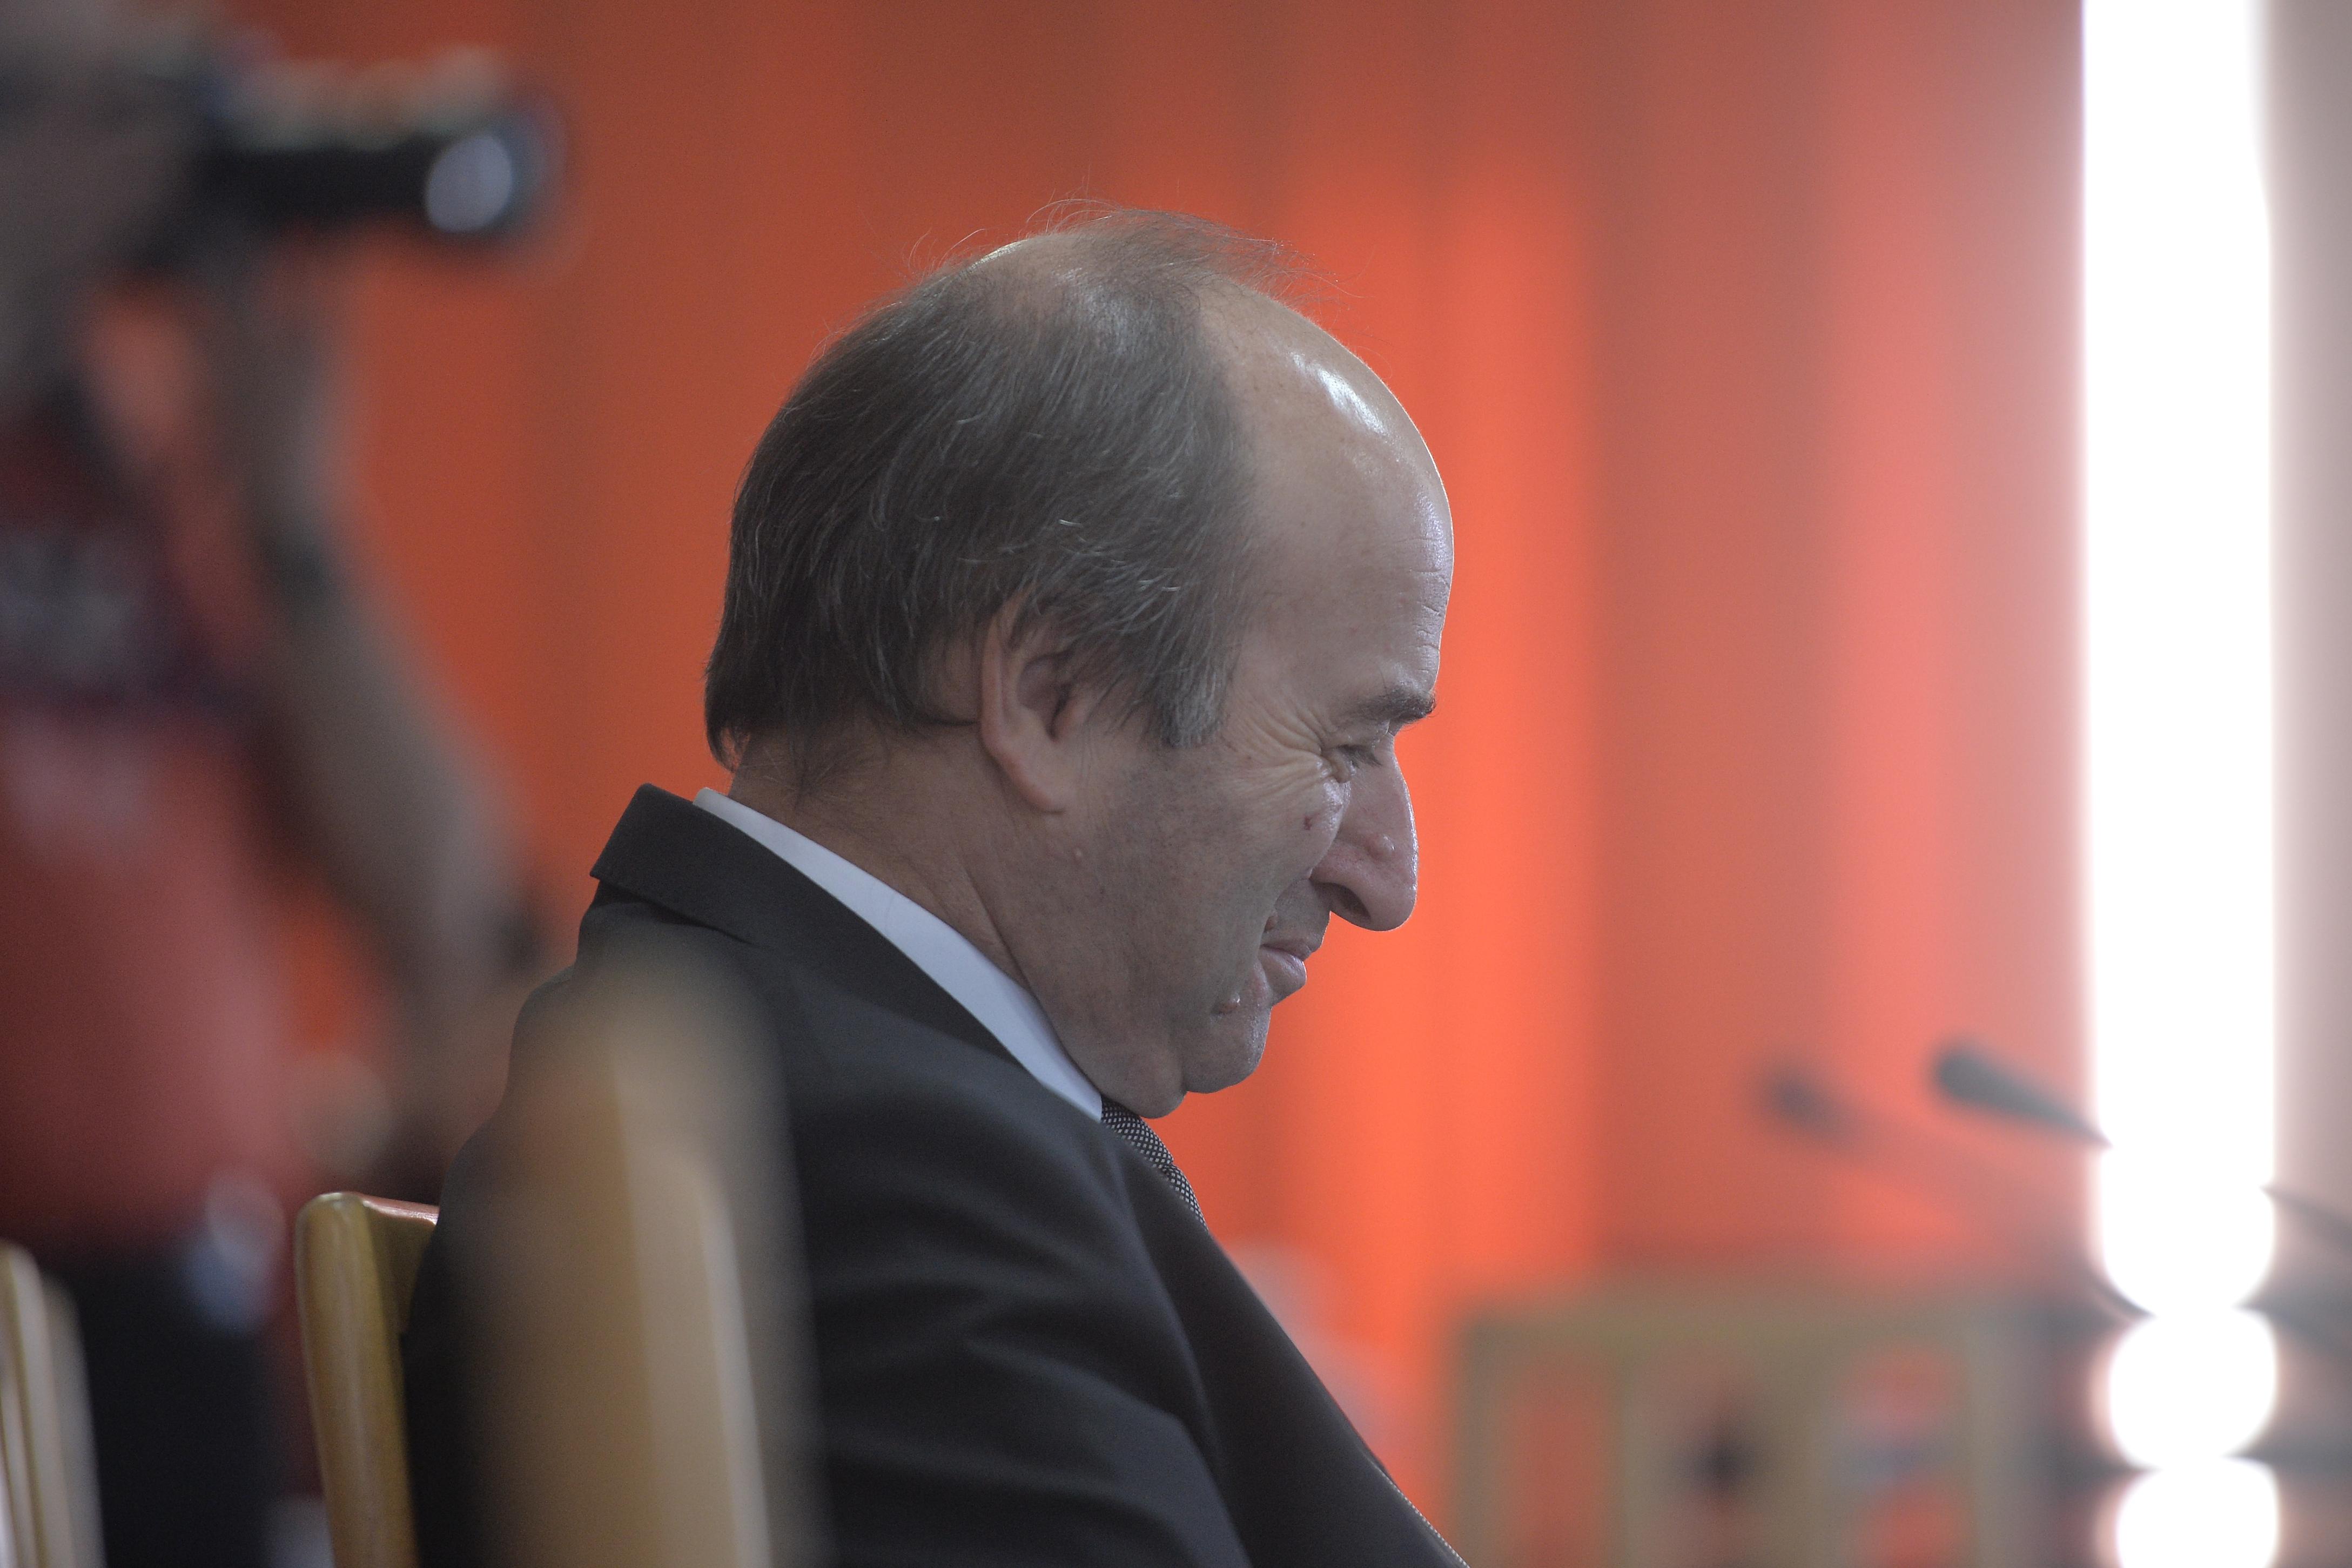 Raportul în cazul afirmaţiilor lui Toader, legate de `Belina`, finalizat: Nu a încălcat independenţa sistemului judiciar